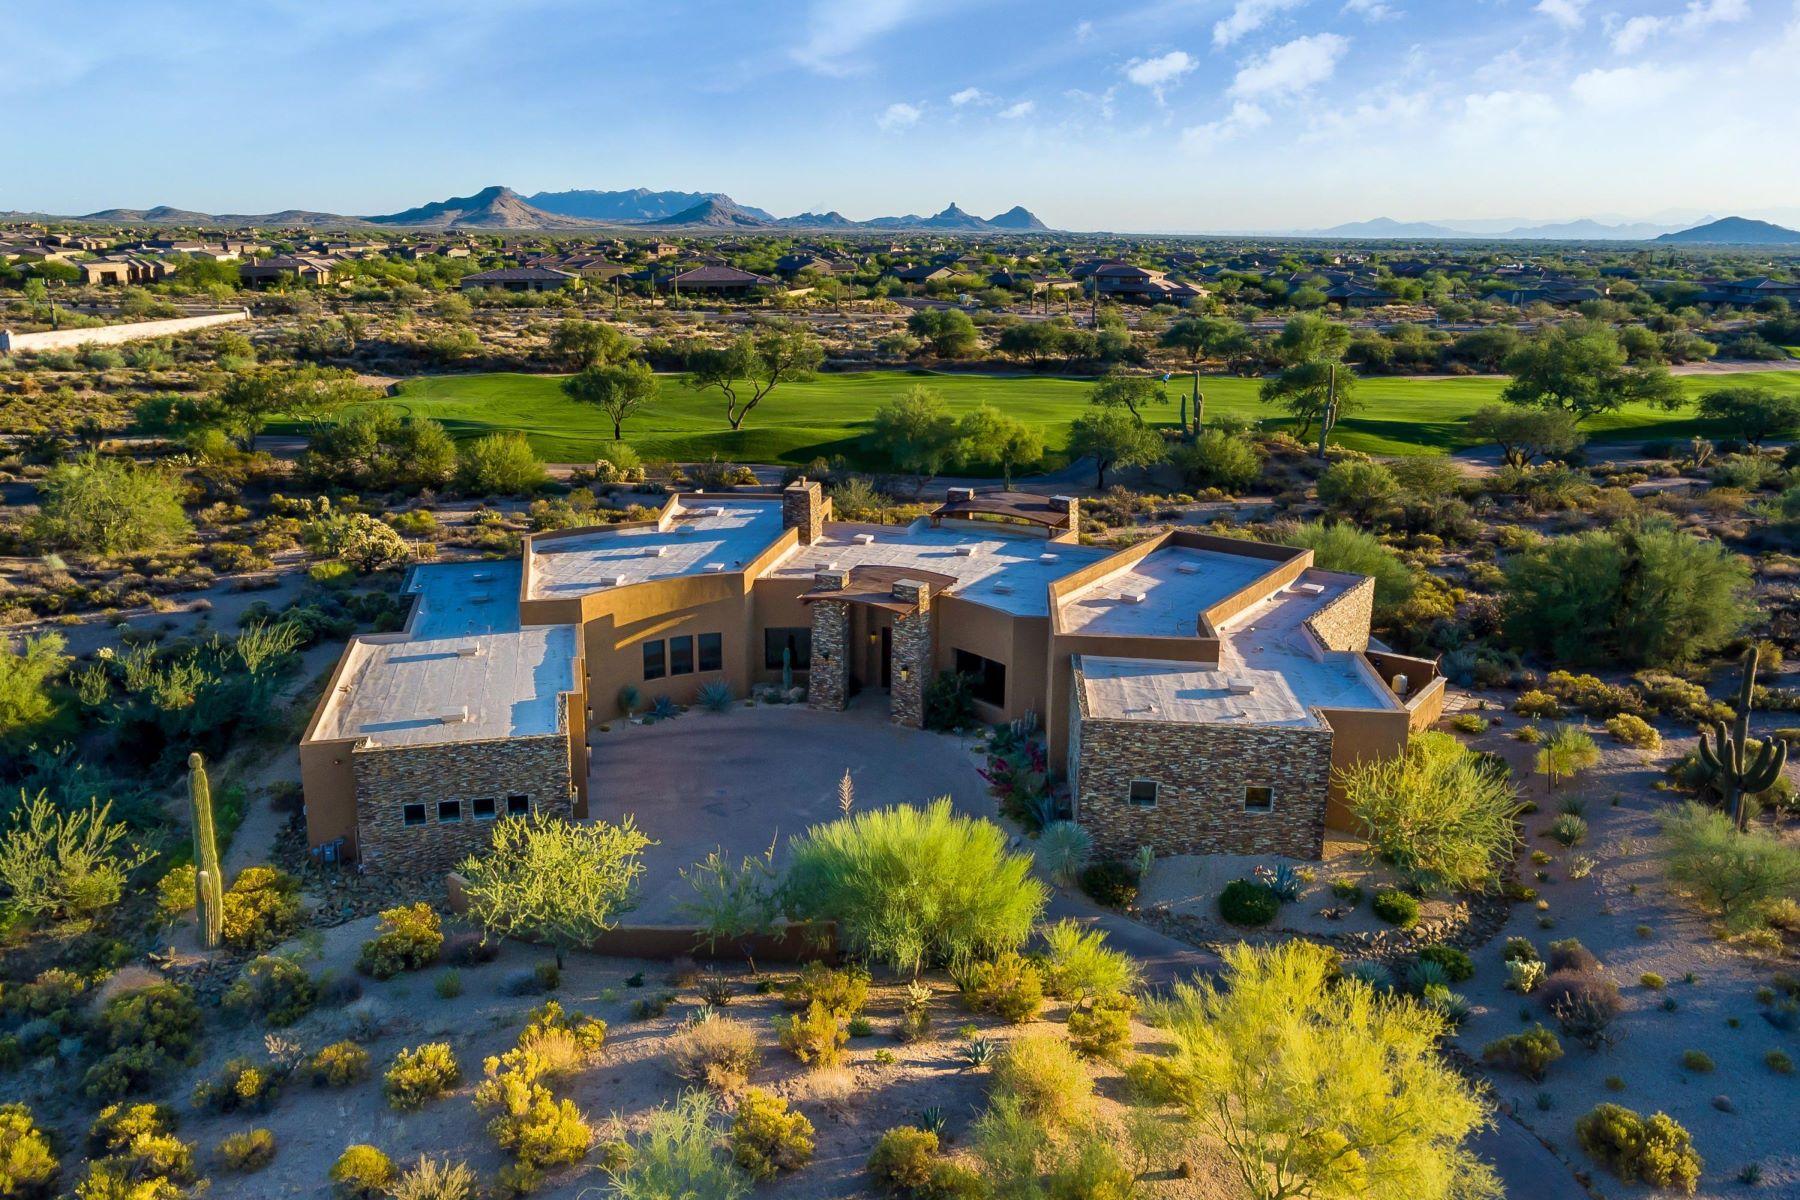 獨棟家庭住宅 為 出售 在 Custom Golf Course Home 9729 E SUNDANCE TRL, Scottsdale, 亞利桑那州, 85262 美國